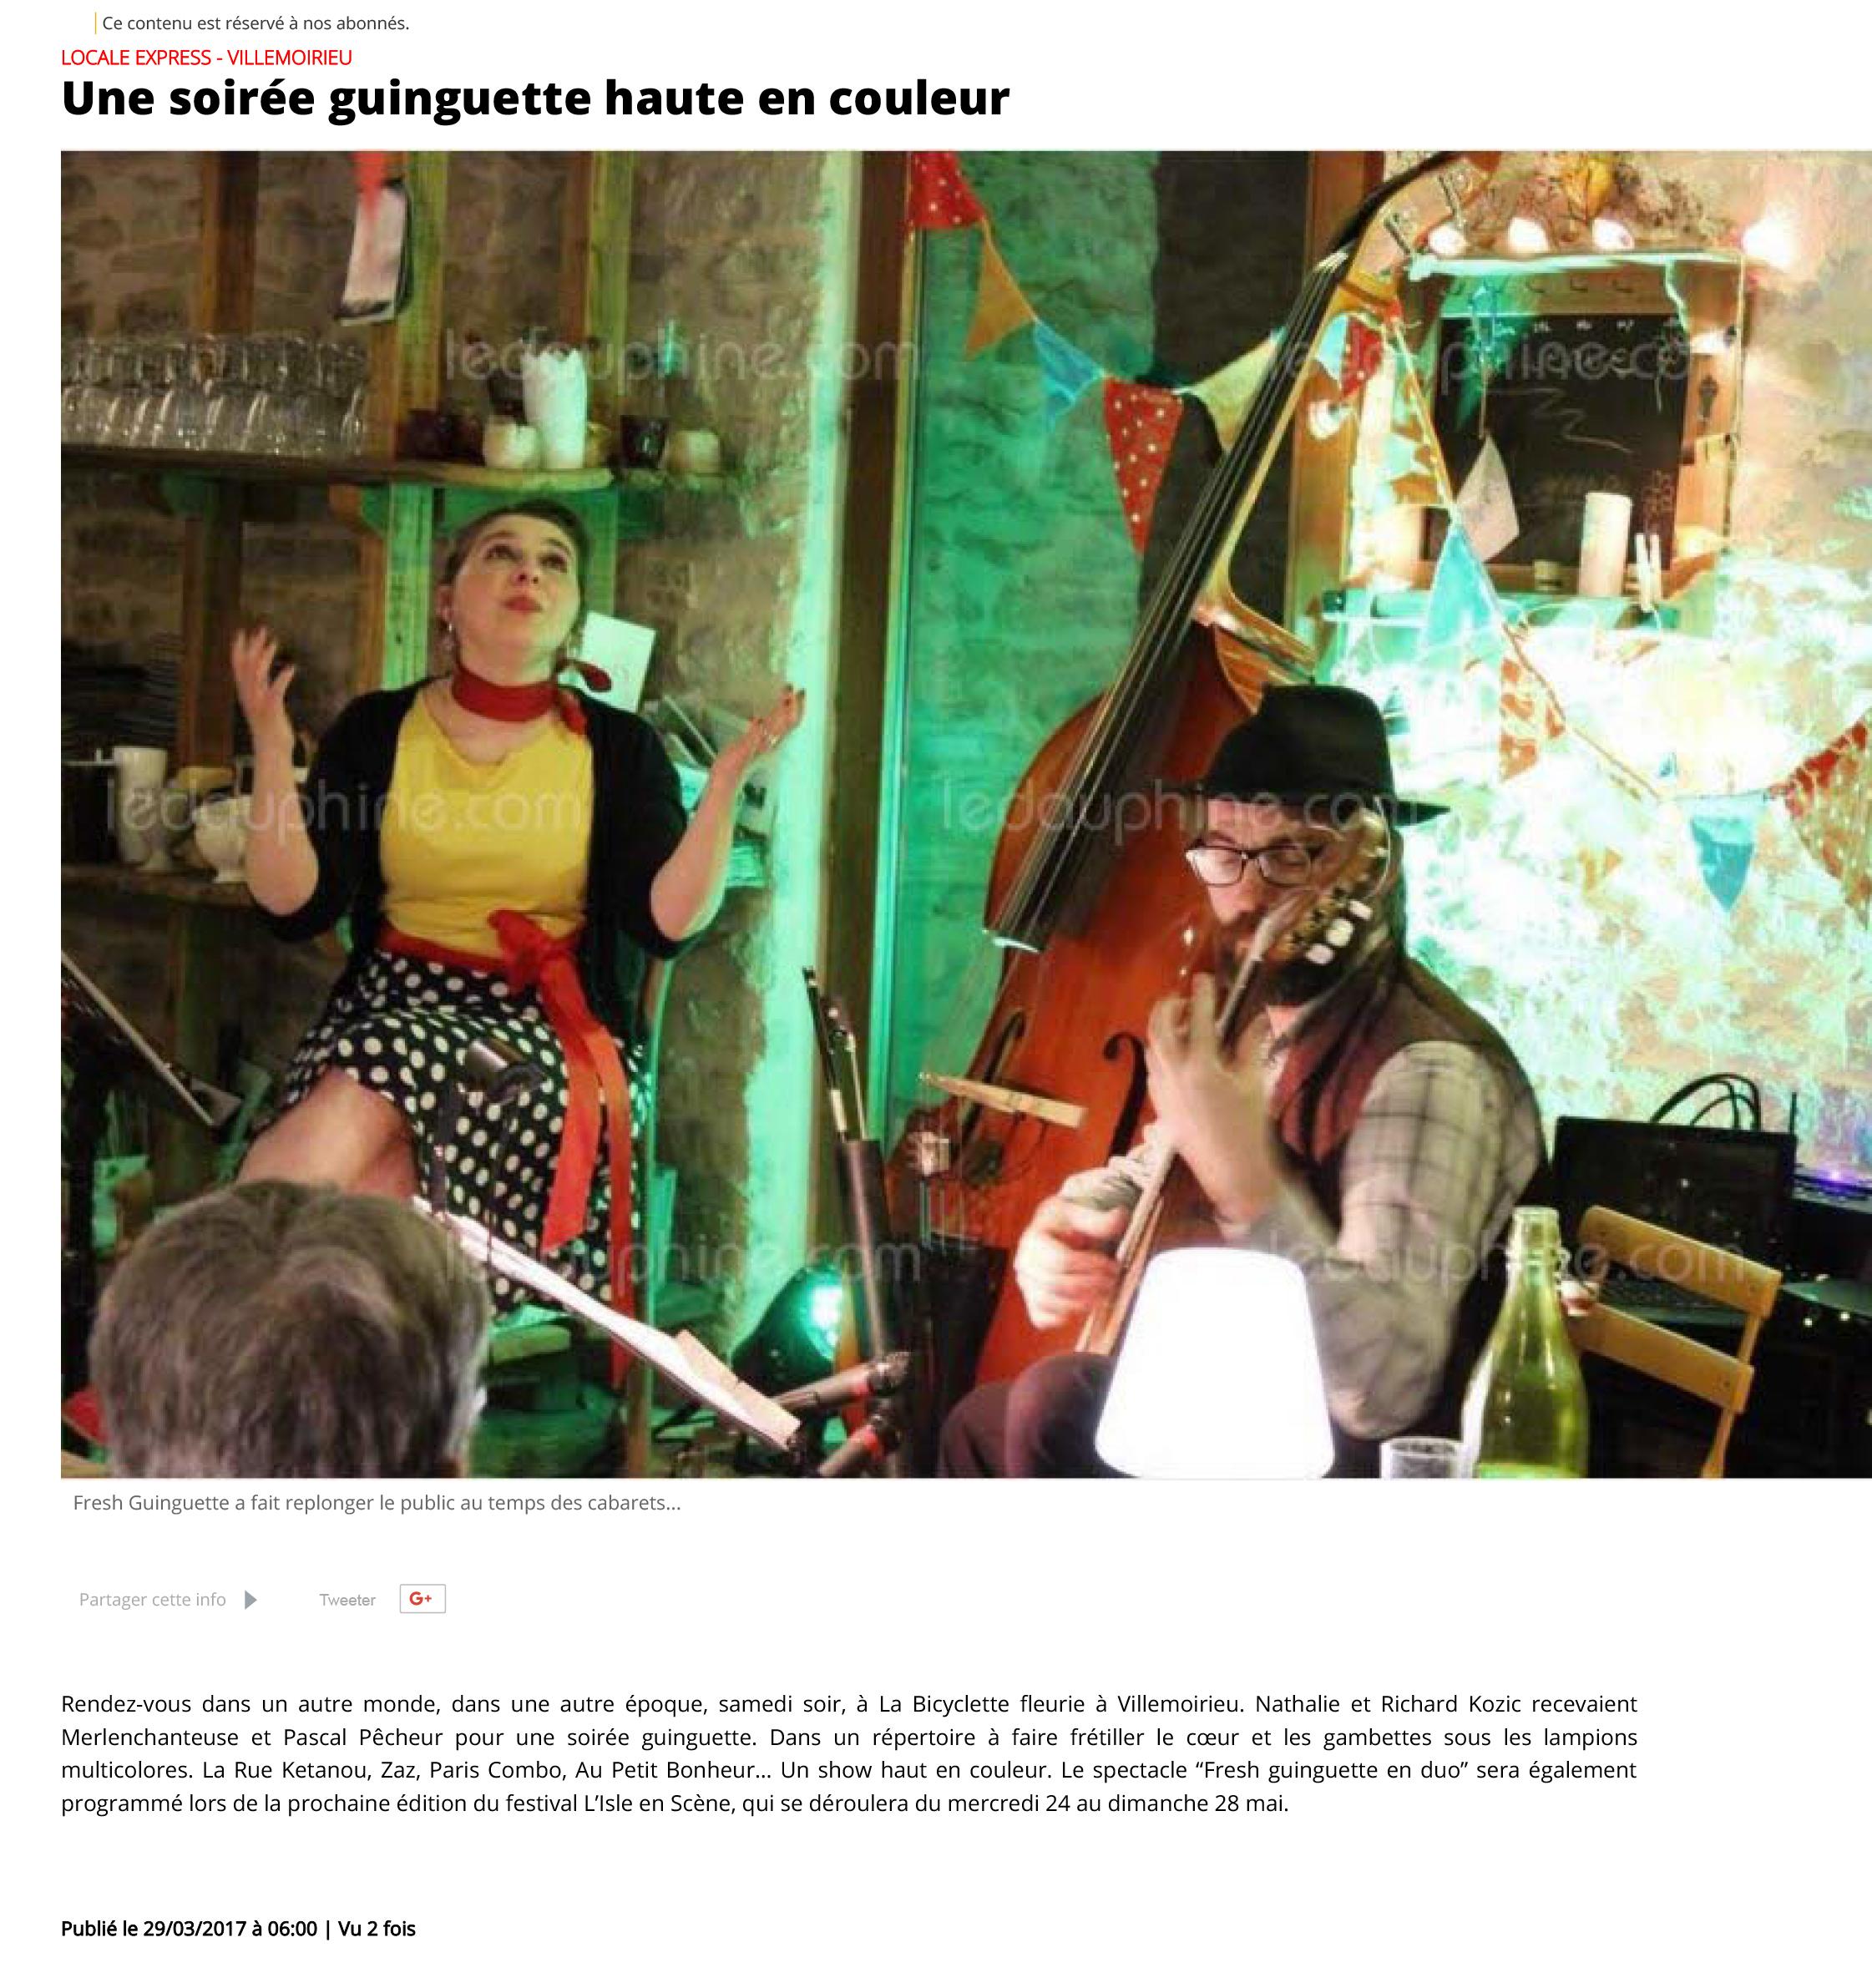 Villemoirieu___Une_soirée_guinguette_haute_en_couleur-1